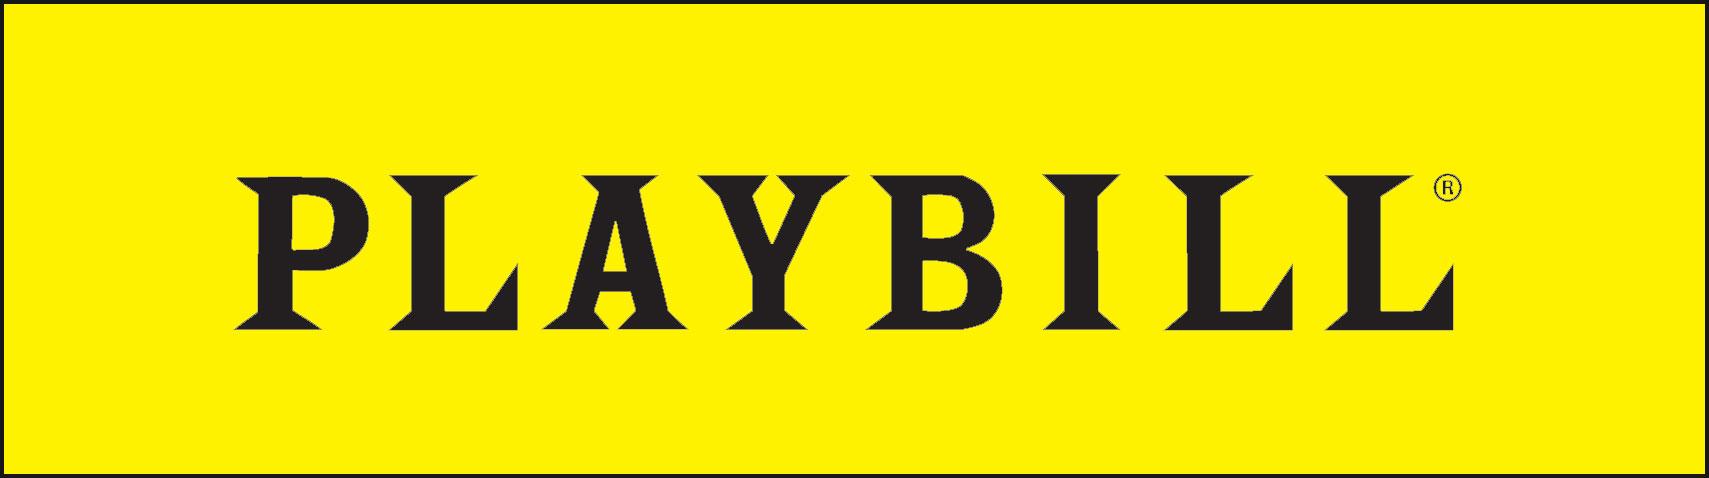 Playbill-Logo-hi-res.jpg